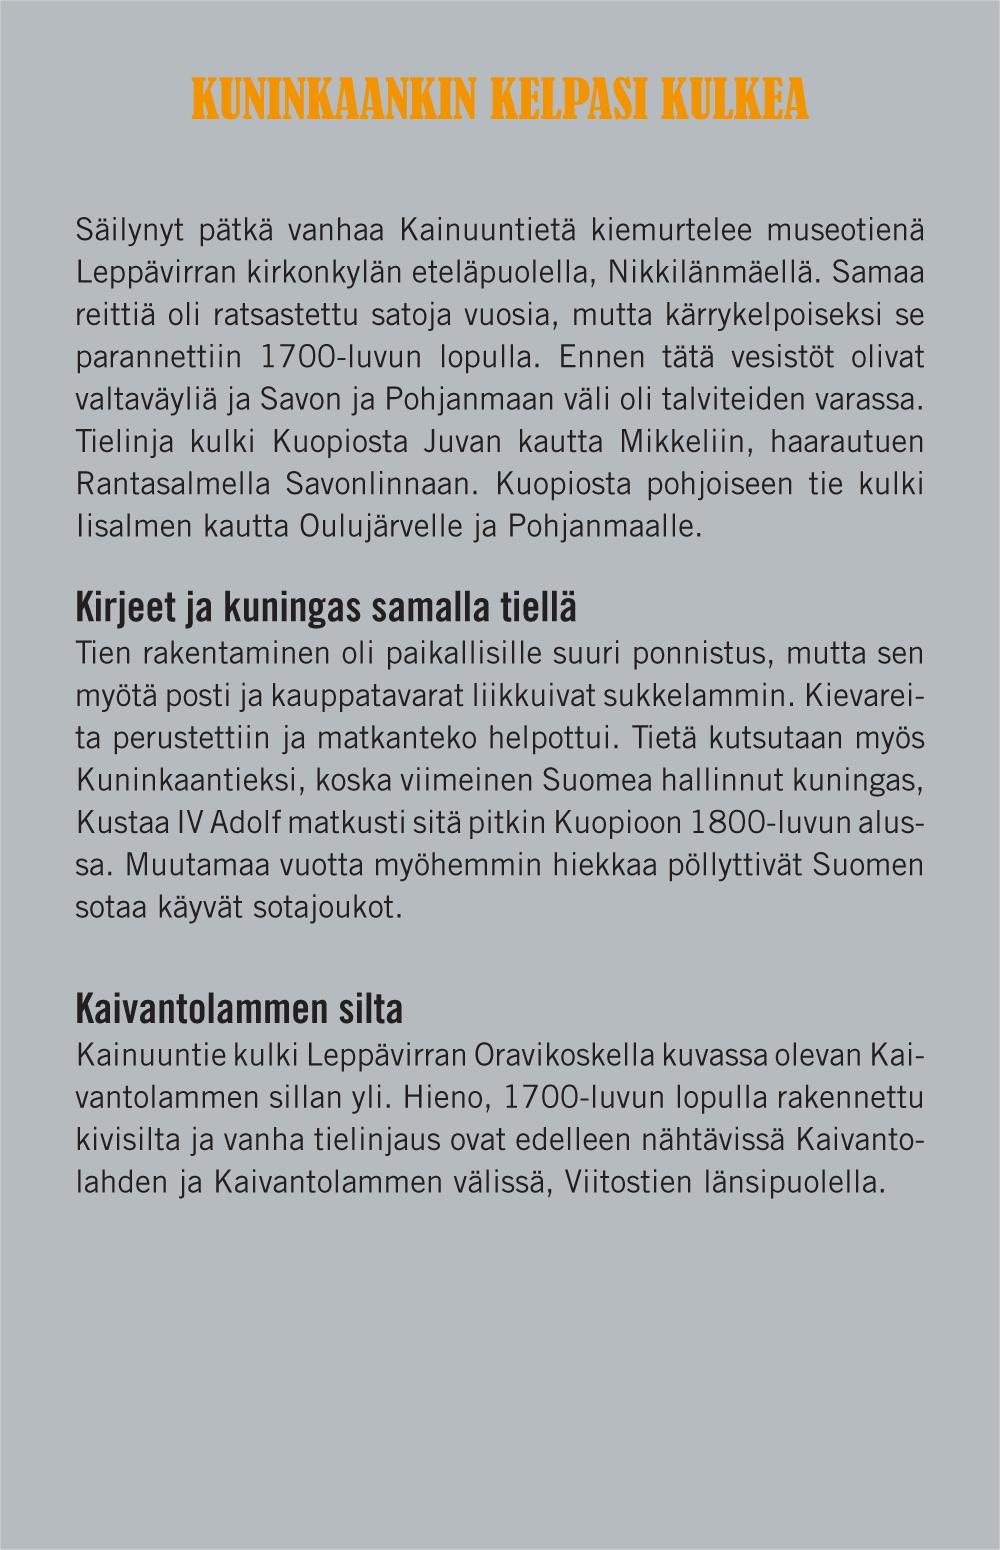 Kuninkaankin kelpasi kulkea (otsikko). Säilynyt pätkä vanhaa Kainuuntietä kiemurtelee museotienä Leppävirran kirkonkylän eteläpuolella Nikkilänmäellä. Samaa reittiä on ratsastettu satoja vuosia, mutta kärrykelpoiseksi se parannettiin 1700-luvun lopulla. Ennen tätä vesistöt olivat valtaväyliä ja Savon ja Pohjanmaan väli oli talviteiden varassa. Tielinja kulki Kuopiosta Juvan kautta Mikkeliin, haarautuen Rantasalmella Savonlinnaan. Kuopiosta pohjoiseen tie kulki Iisalmen kautta Oulujärvelle ja Pohjanmaalle. Kirjeet ja kuningas samalla tiellä (väliotsikko). Tien rakentaminen oli paikallisille suuri ponnistus, mutta sen myötä posti ja kauppatavarat liikkuivat sukkelammin. Kievareita perustettiin ja matkanteko helpottui. Tietä kutsutaan myös Kuninkaantieksi, koska viimeinen Suomea hallinnut kuningas, Kustaa IV Adolf matkusti sitä pitkin Kuopioon 1800-luvun alussa. Muutamaa vuotta myöhemmin hiekkaa pöllyttivät Suomen sotaa käyvät sotajoukot. Kaivantolammen silta (väliotsikko). Kainuuntie kulki Leppävirran Oravikoskella kuvassa olevan Kaivantolammen sillan yli. Hieno, 1700-luvun lopulla rakennettu kivisilta ja vanha tielinjaus ovat edelleen nähtävissä Kaivantolahden ja Kaivantolammen välissä, Viitostien länsipuolella.